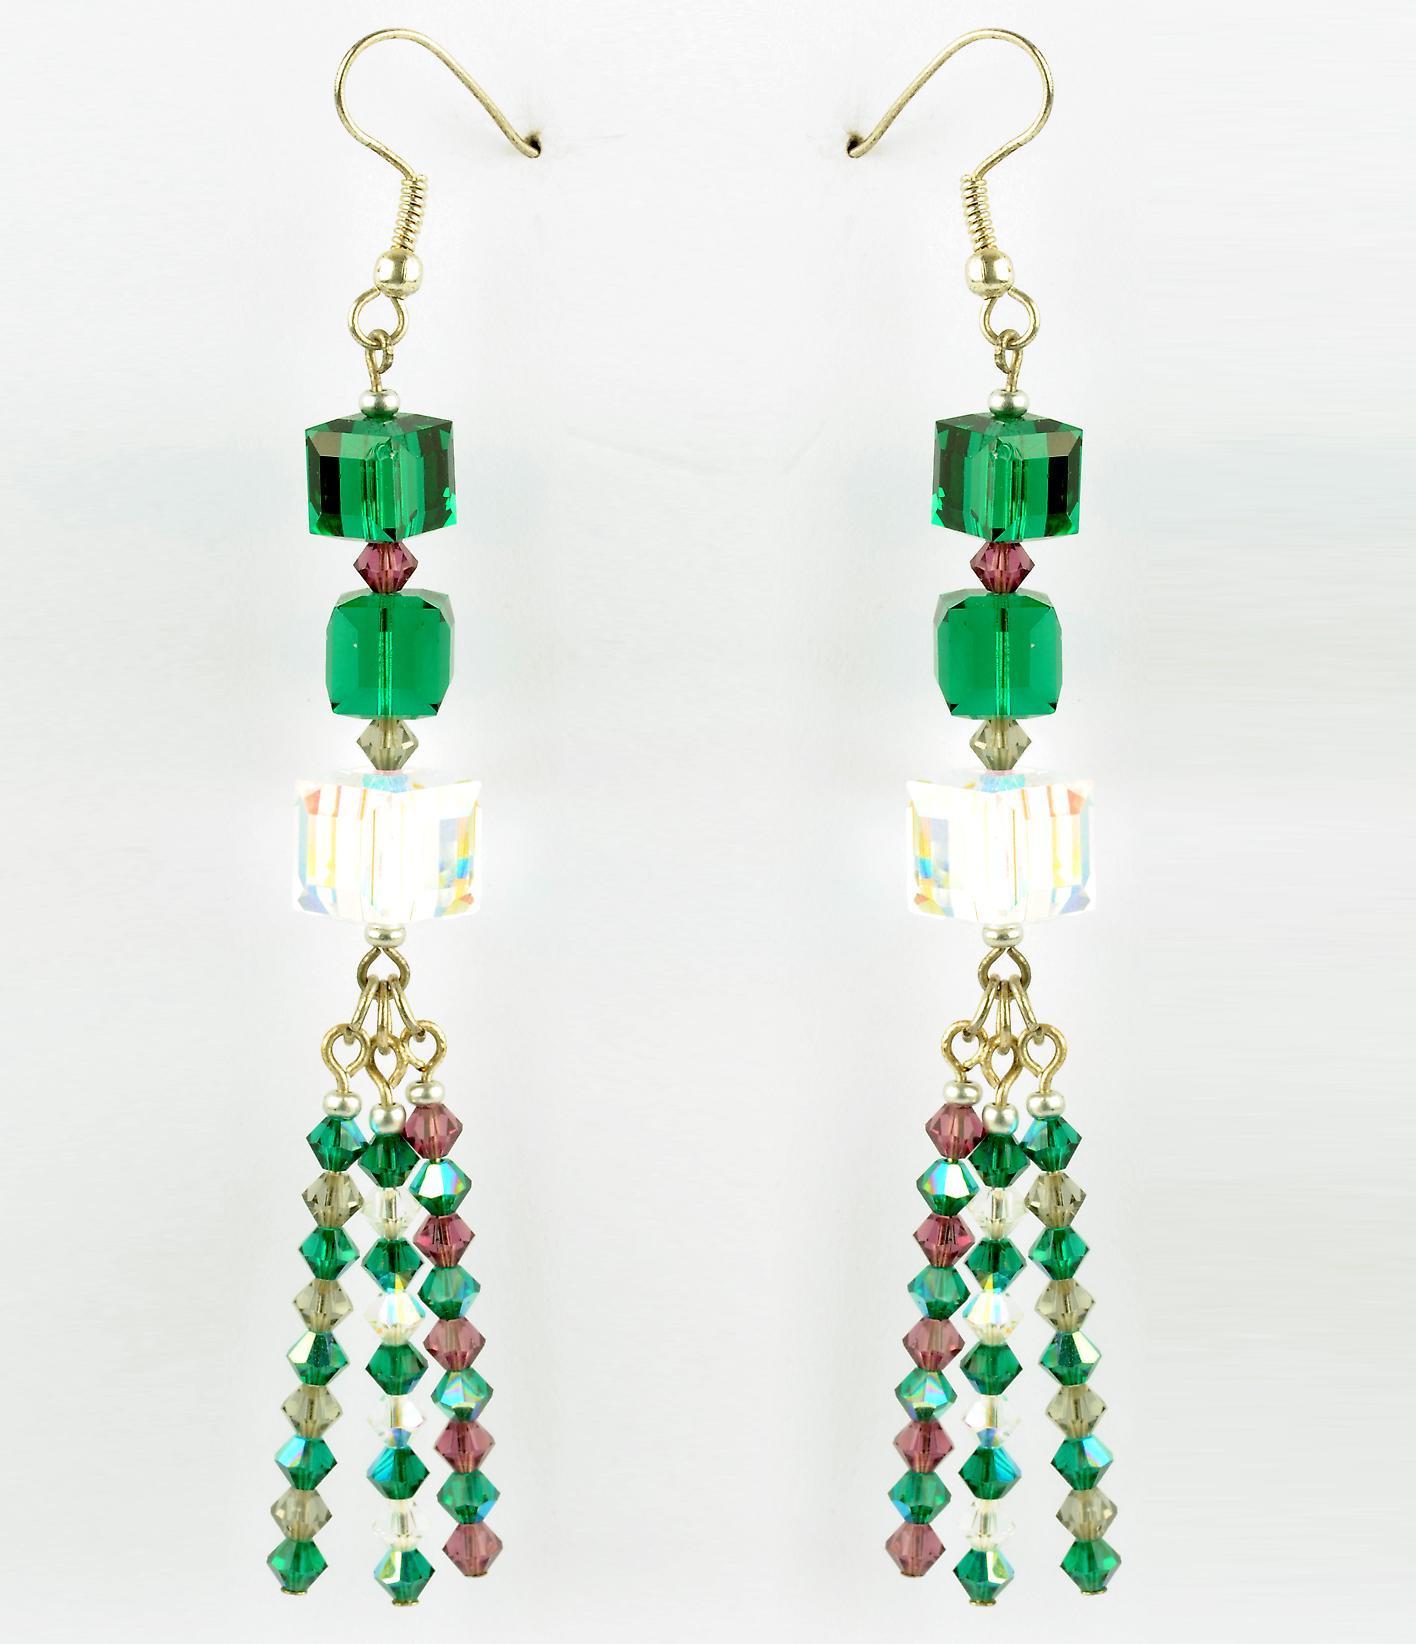 Waooh - smycken - WJ0779 - örhängen med strass Swarovski grön vit lila - mount silver